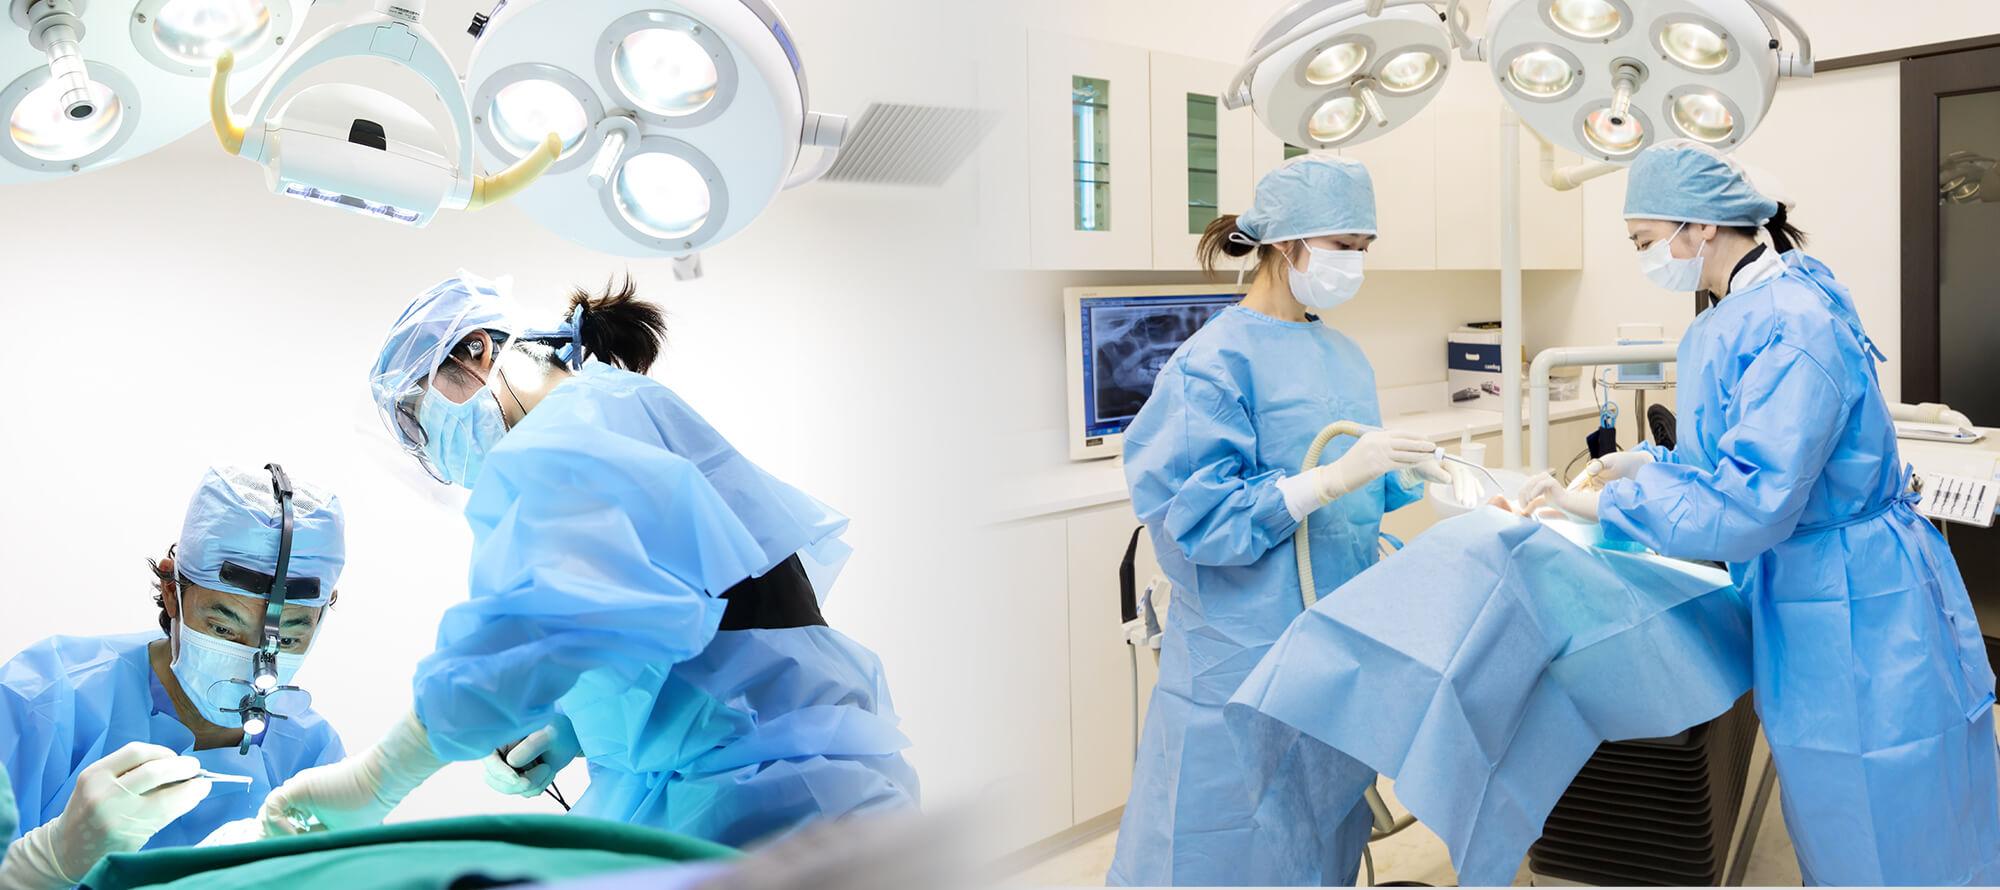 大学病院クラスの設備で審美歯科~インプラント手術まで高度な治療にも対応